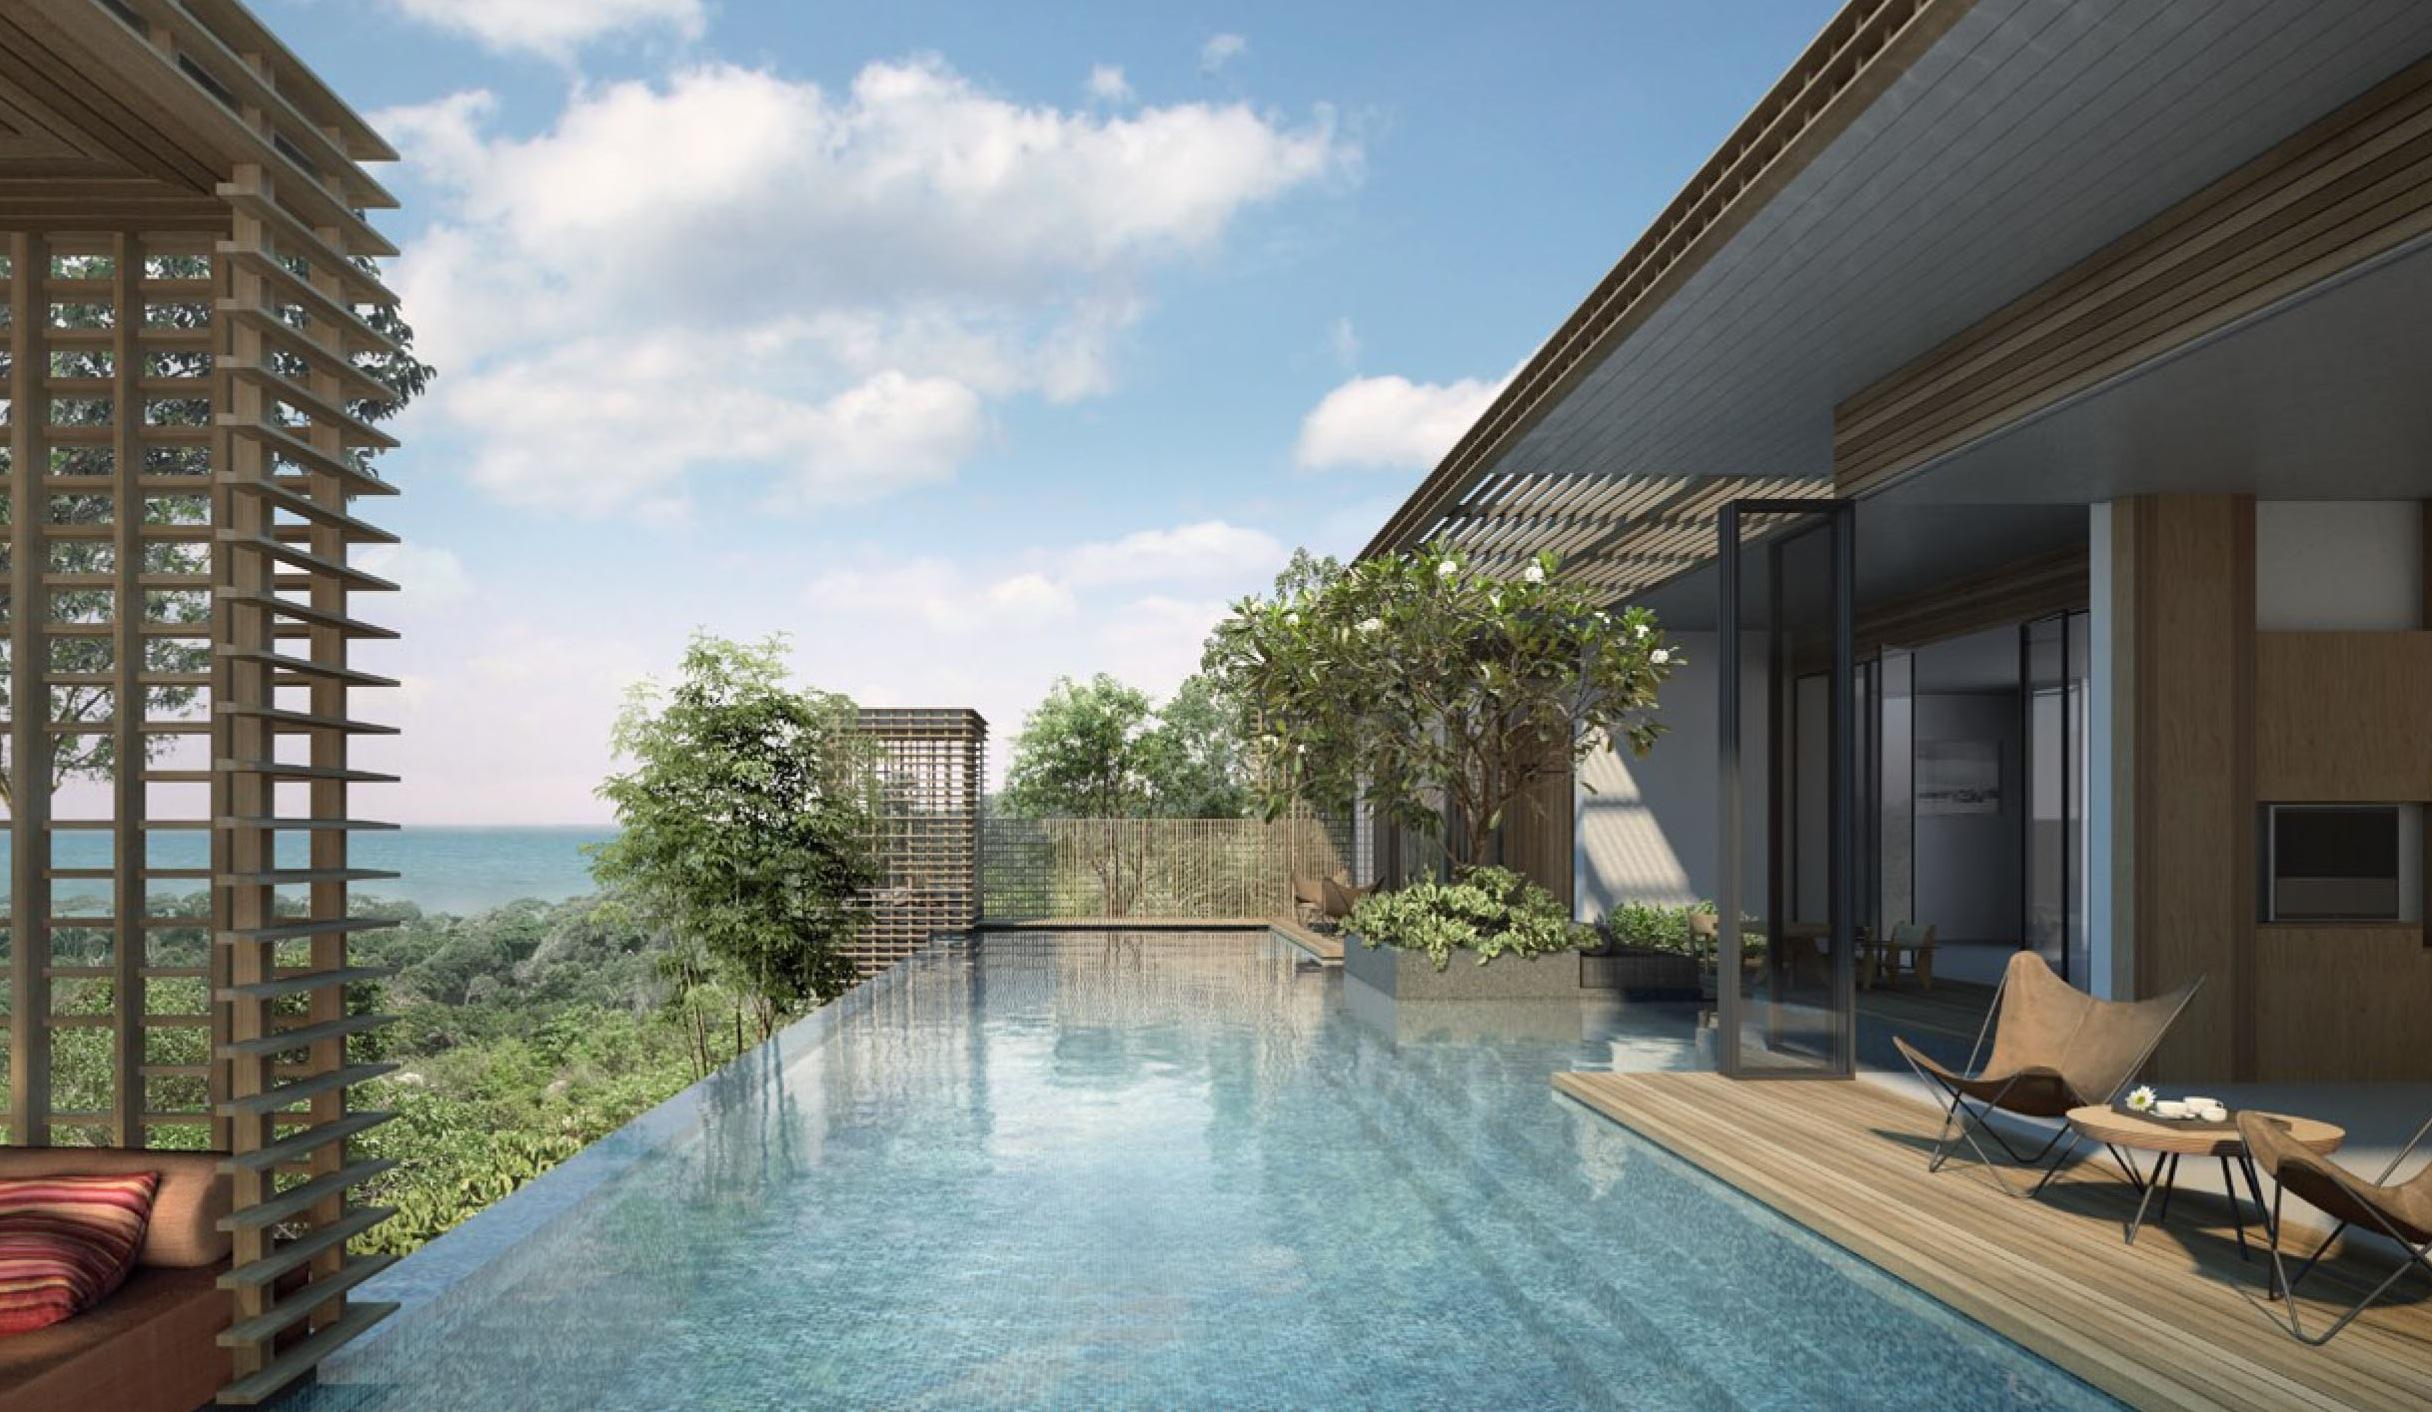 A two-bedroom pool villa at Alila Villas Bintan.